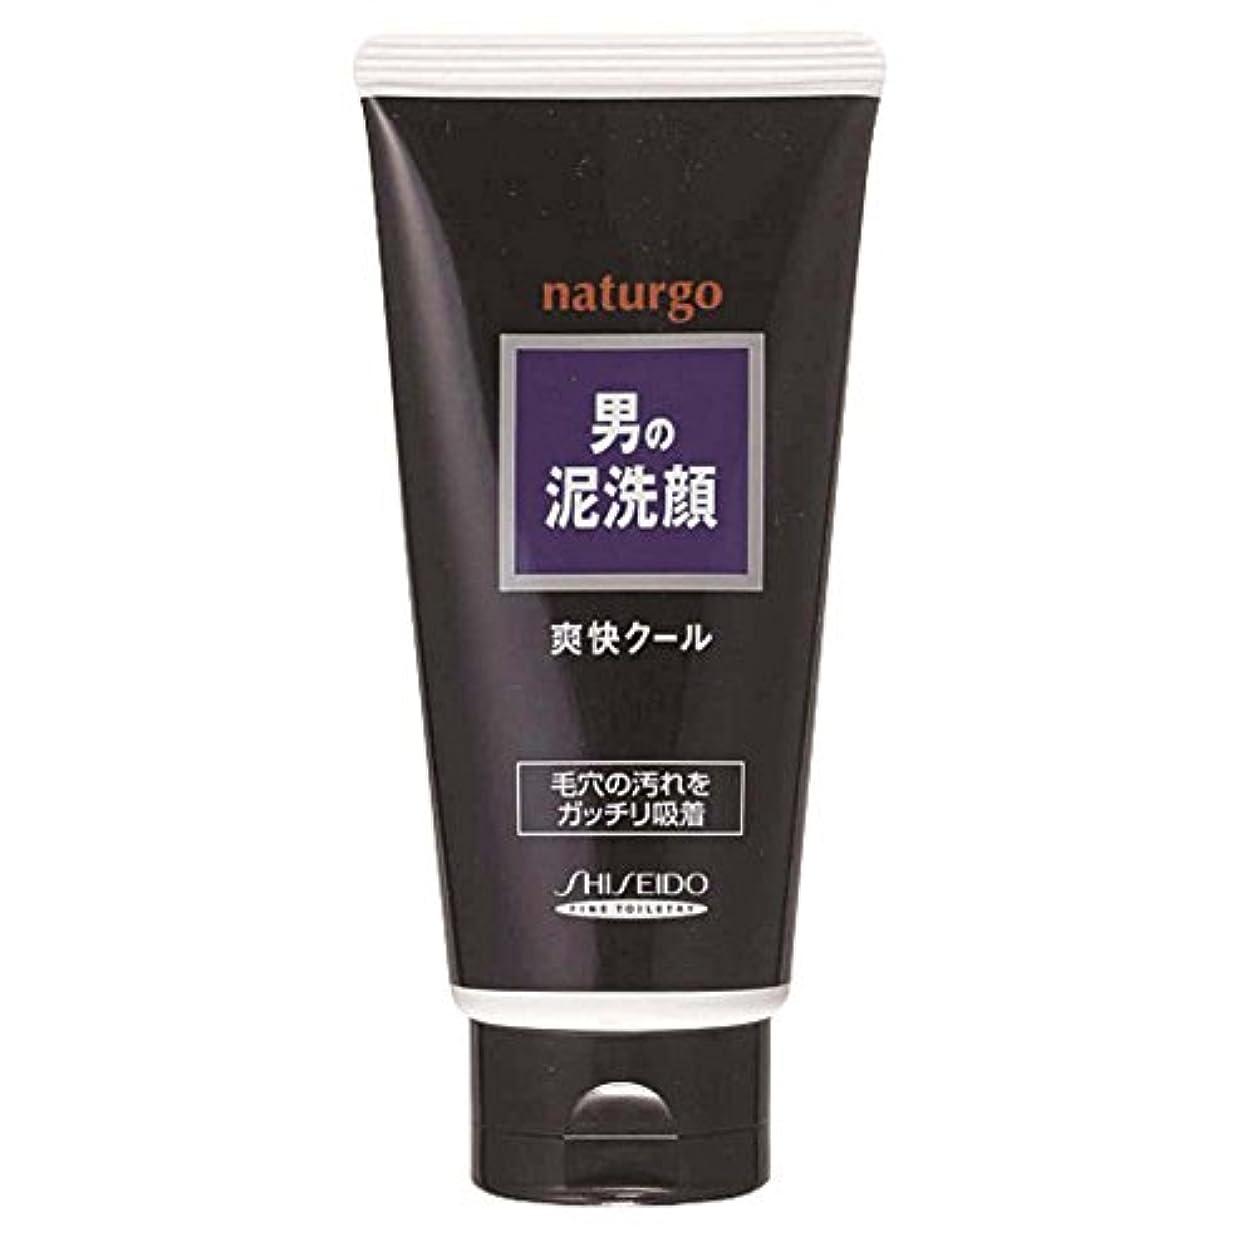 凝縮する不愉快に贈り物ナチュルゴ メンズクレイ洗顔フォーム黒 130g